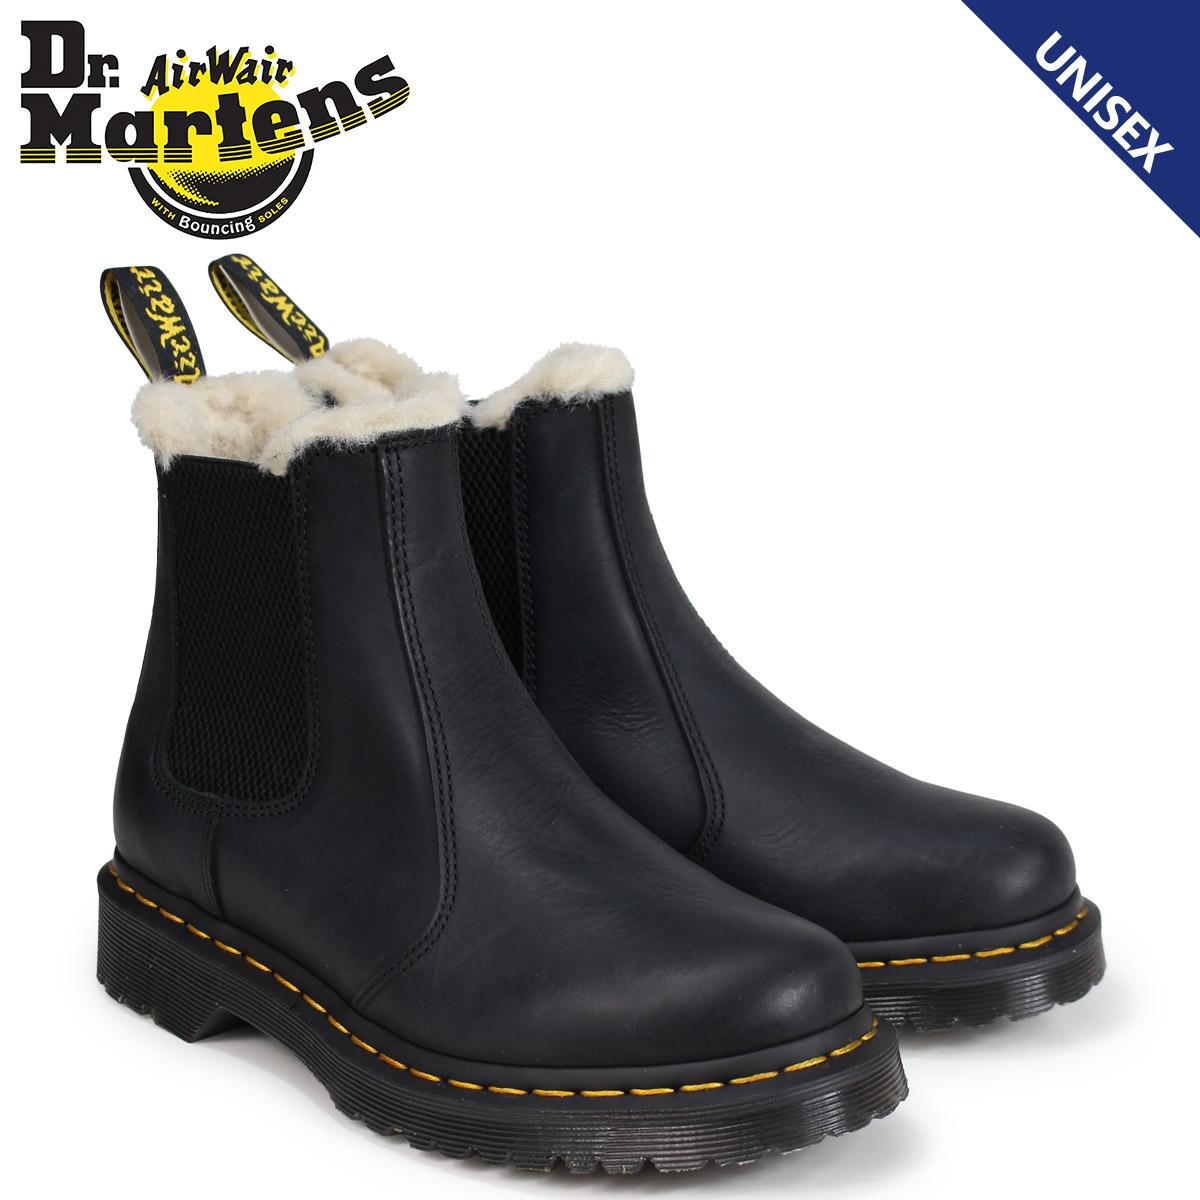 【最大2000円OFFクーポン】 ドクターマーチン サイドゴア 2976 チェルシーブーツ メンズ レディース Dr.Martens LEONORE FUR LINED CHELSEA BOOT ブラック R21045001